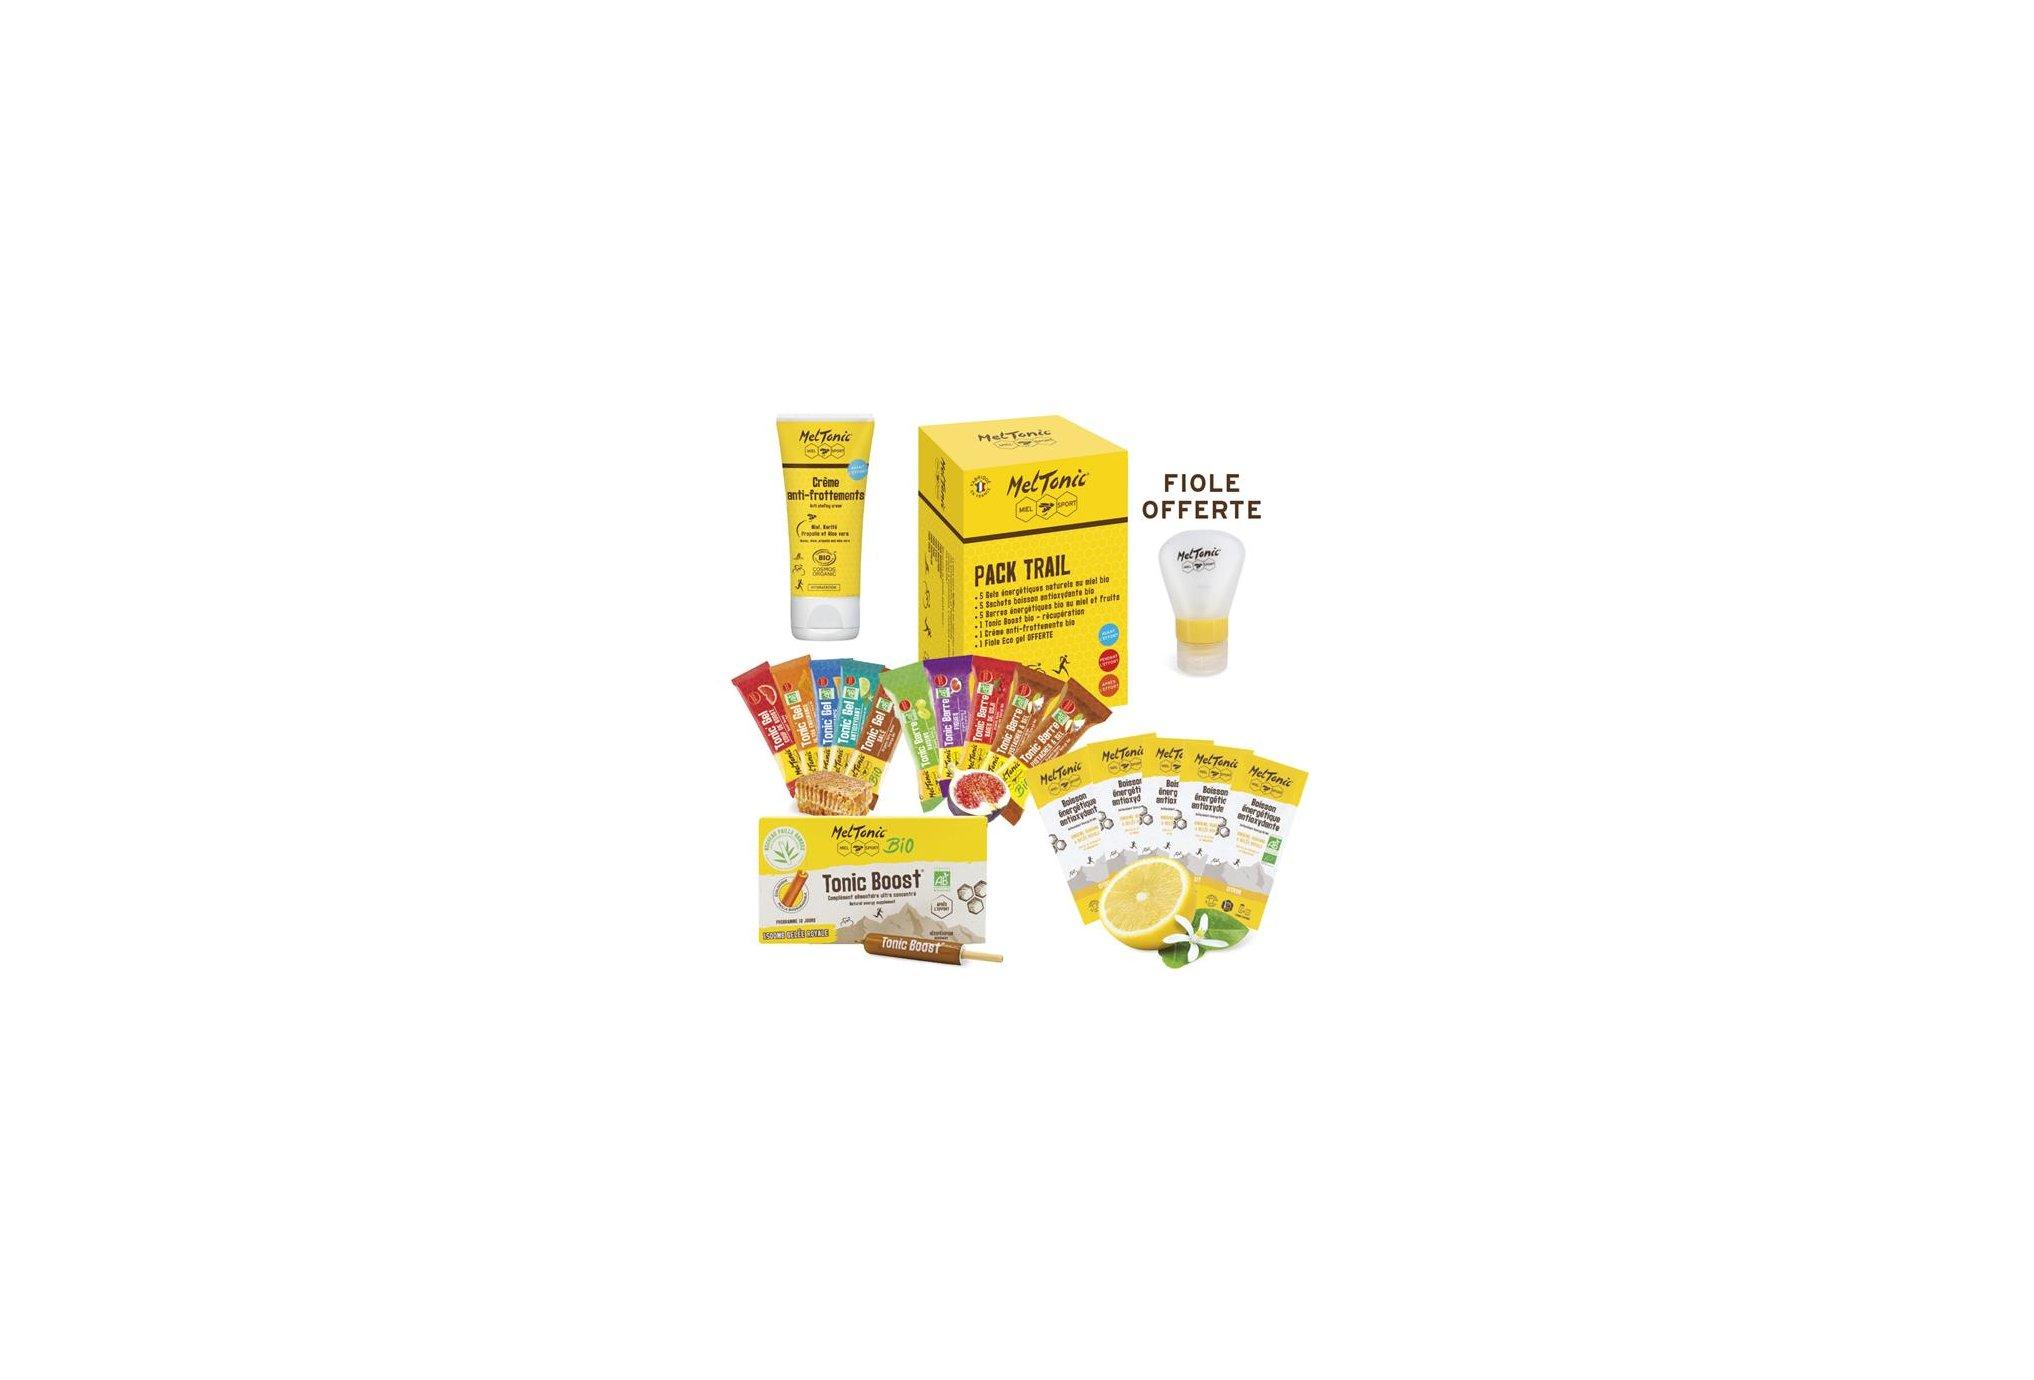 MelTonic Pack Trail - Boisson Énergétique Antioxydante saveur citron Diététique Packs